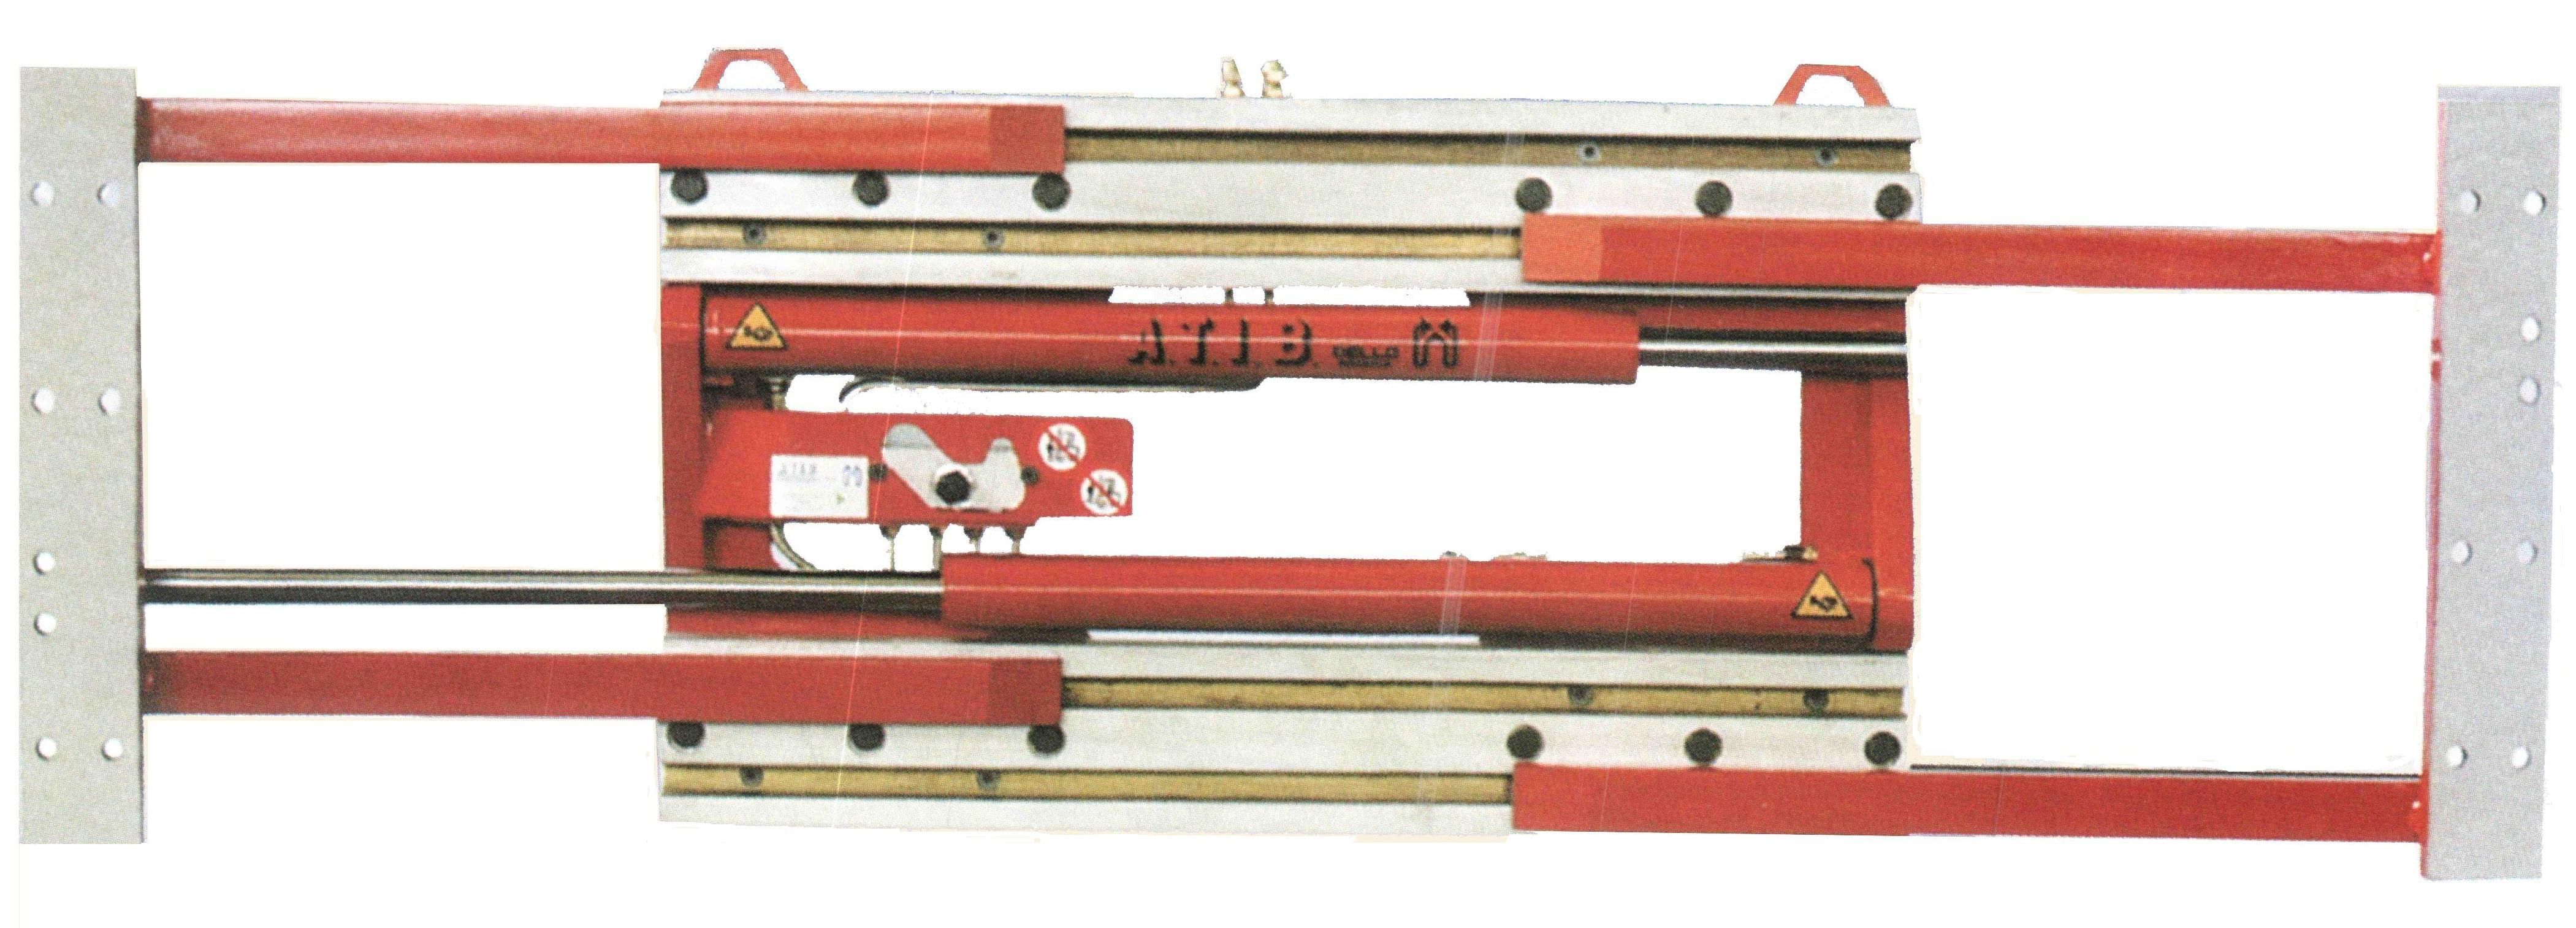 Шасси захвата ( основной корпус захвата), мод. 474